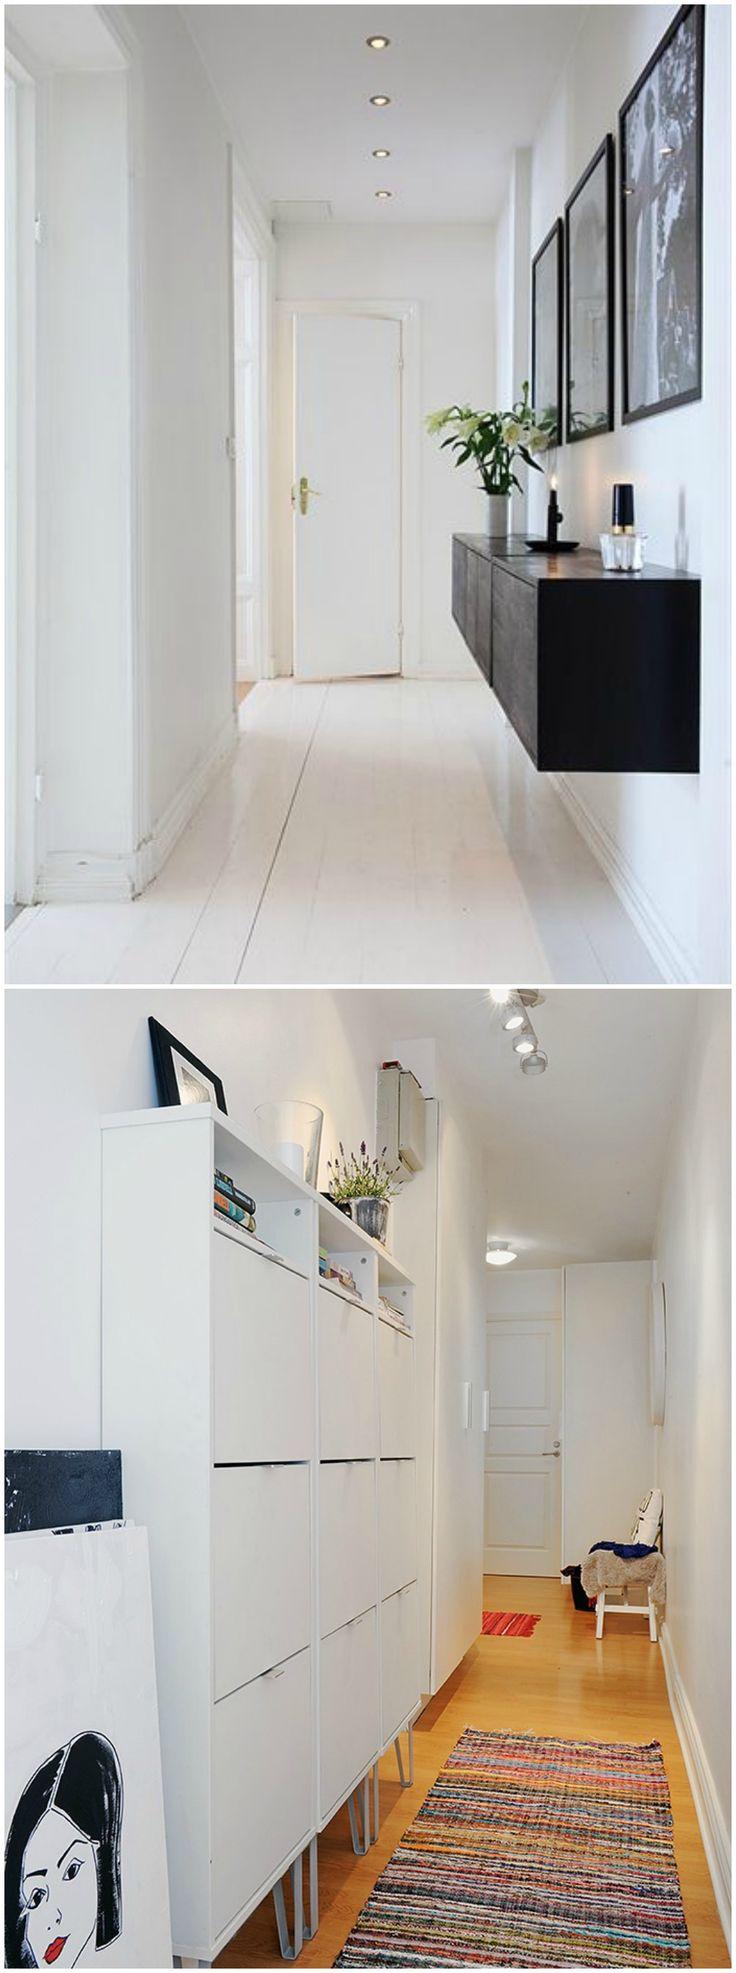 Decorar el pasillo. Visto en www.momocca.com